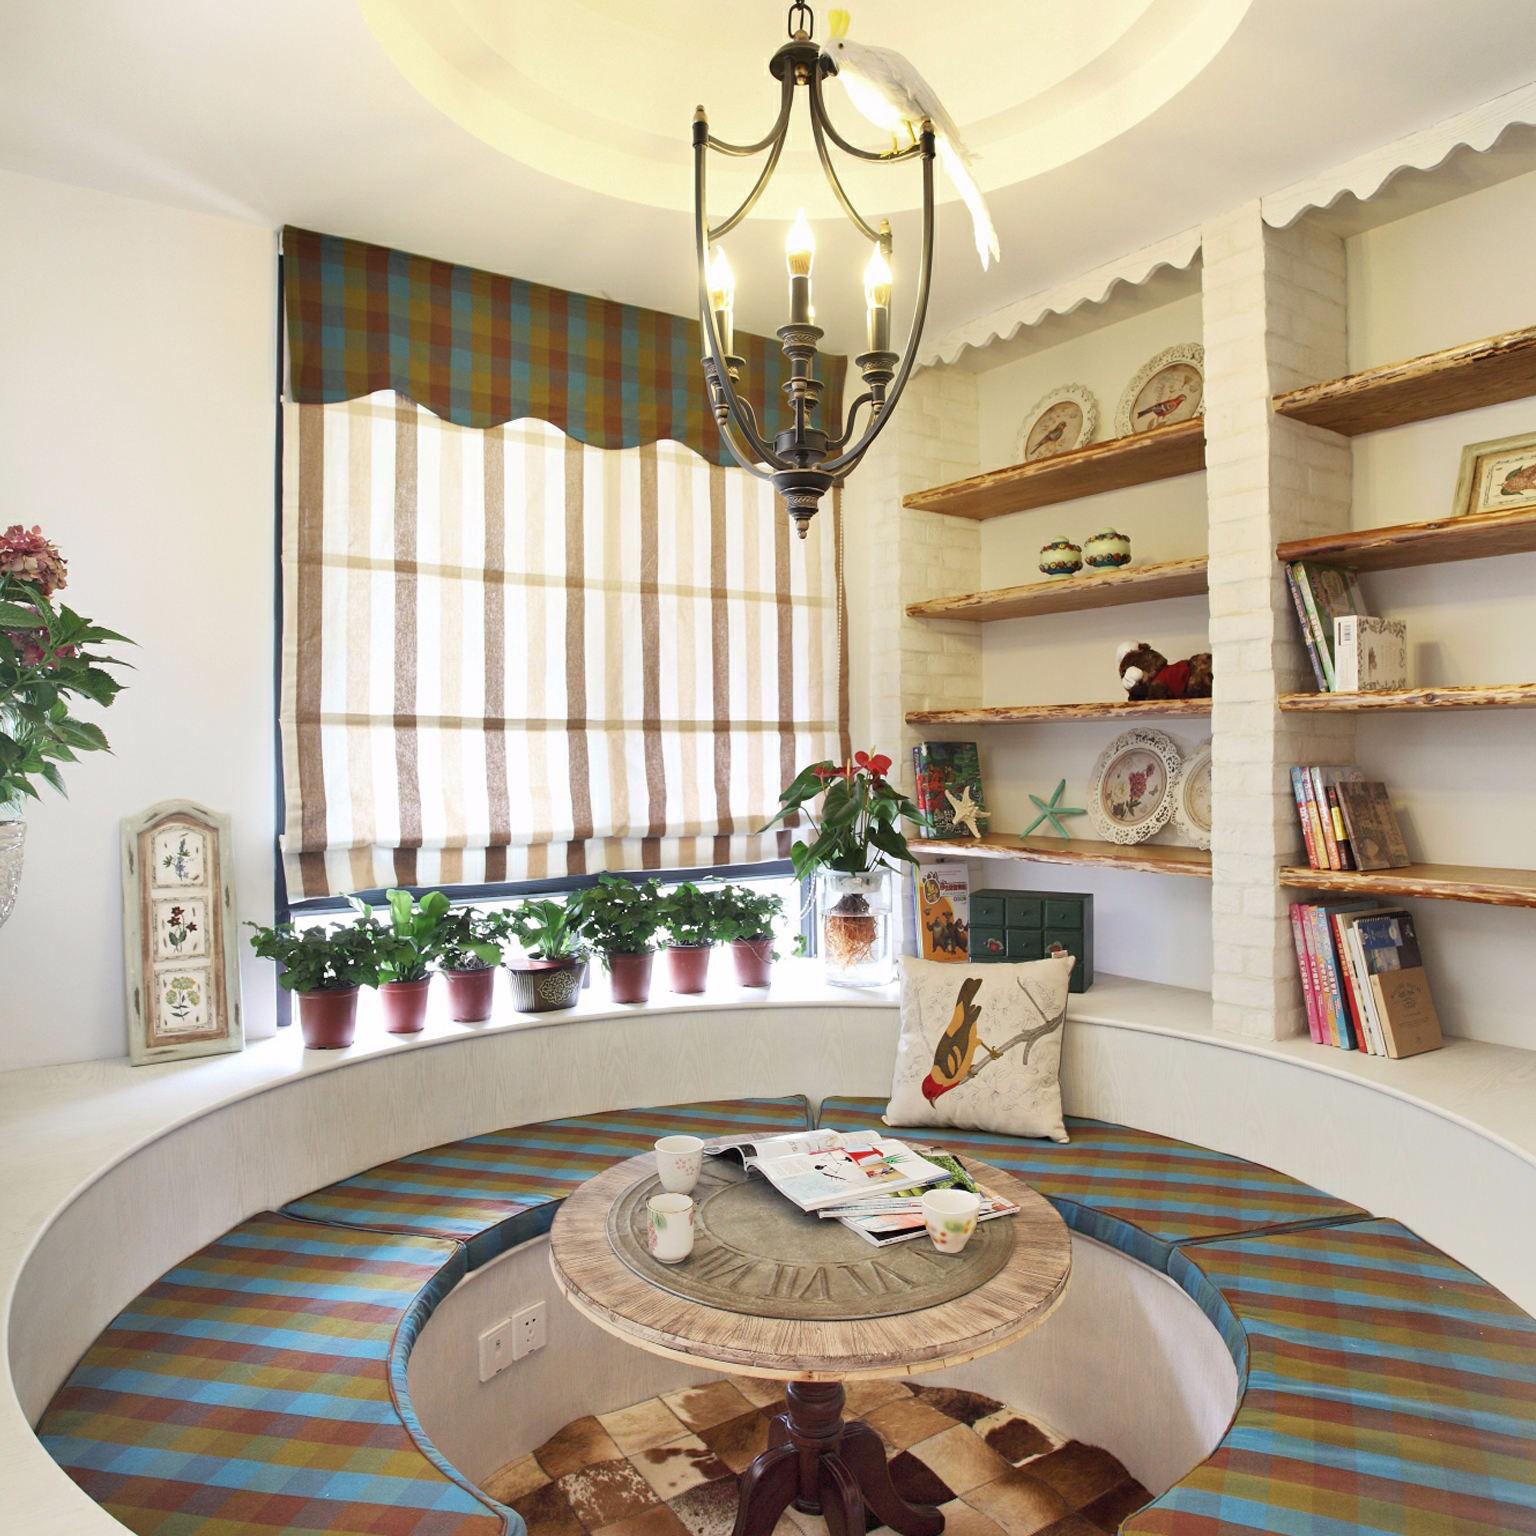 2020地中海卧室装修设计图片 2020地中海茶几设计图片